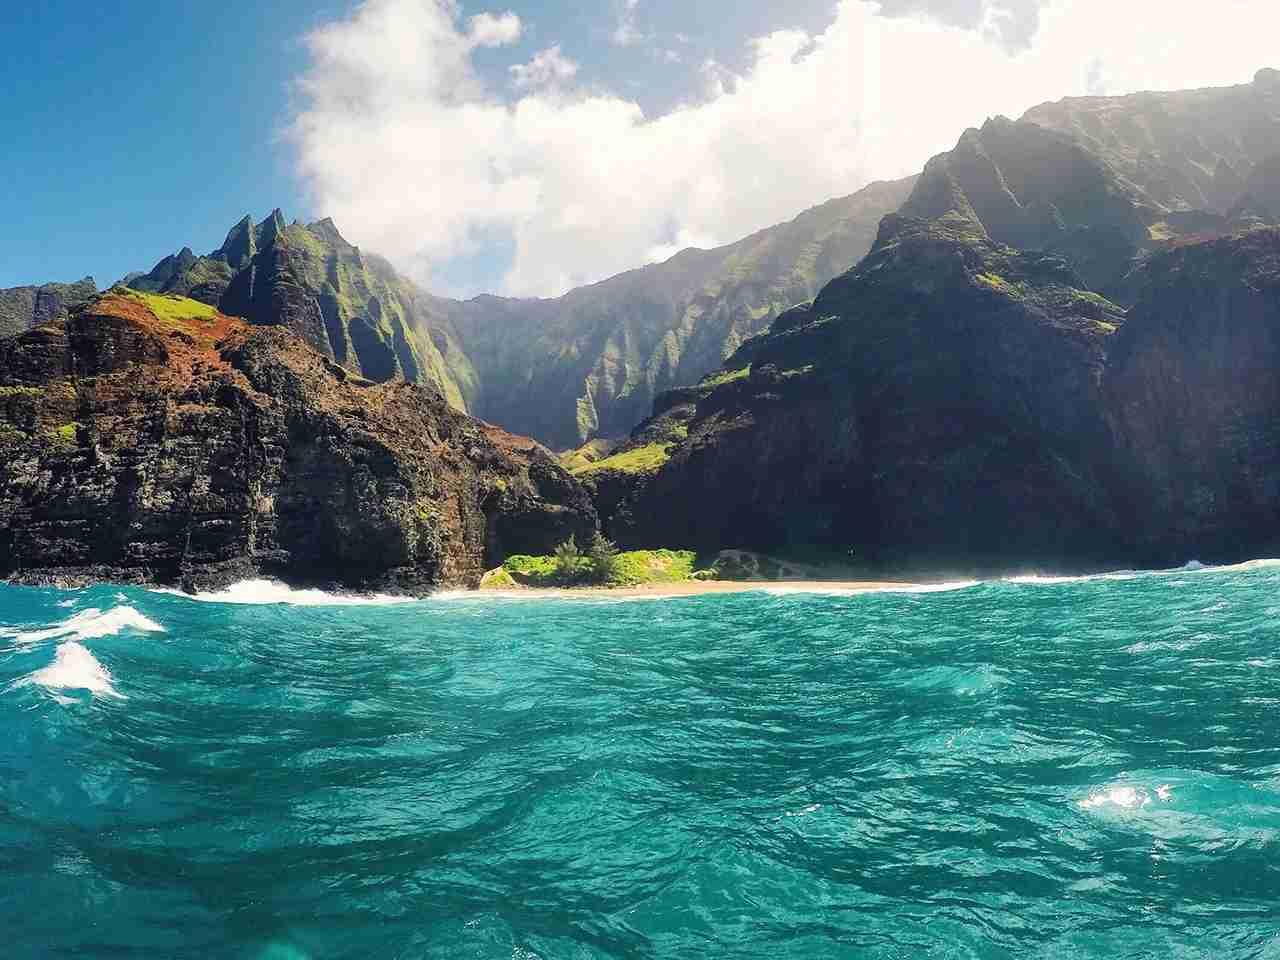 Na Pali Coast on Kauai. (Photo by @beatrizann562 via Twenty20)